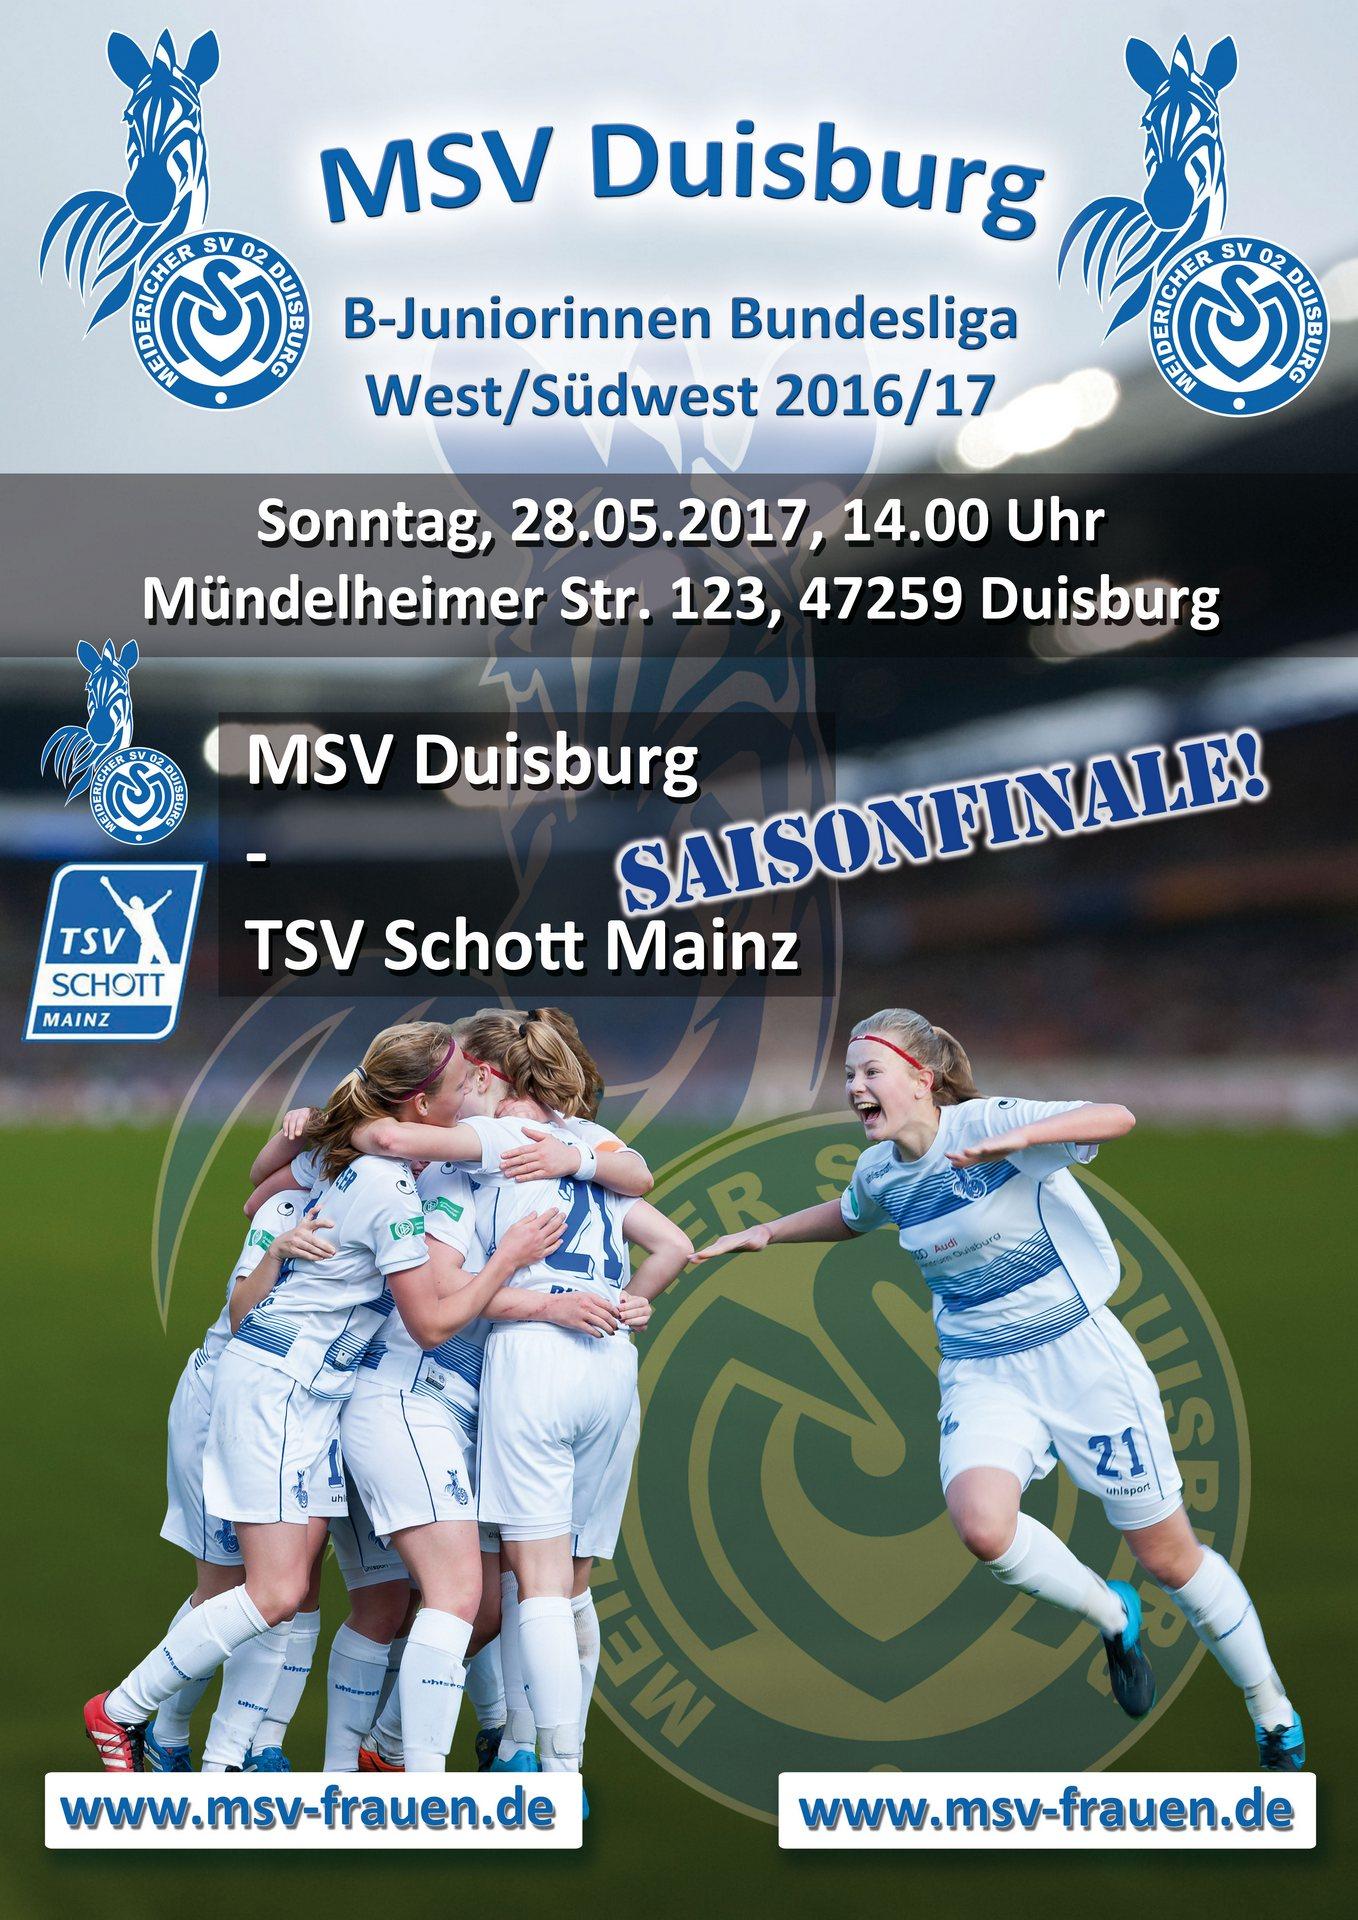 1902% erstklassig - Die MSV-Mädchen haben den Klassenerhalt in der Bundesliga gesichert